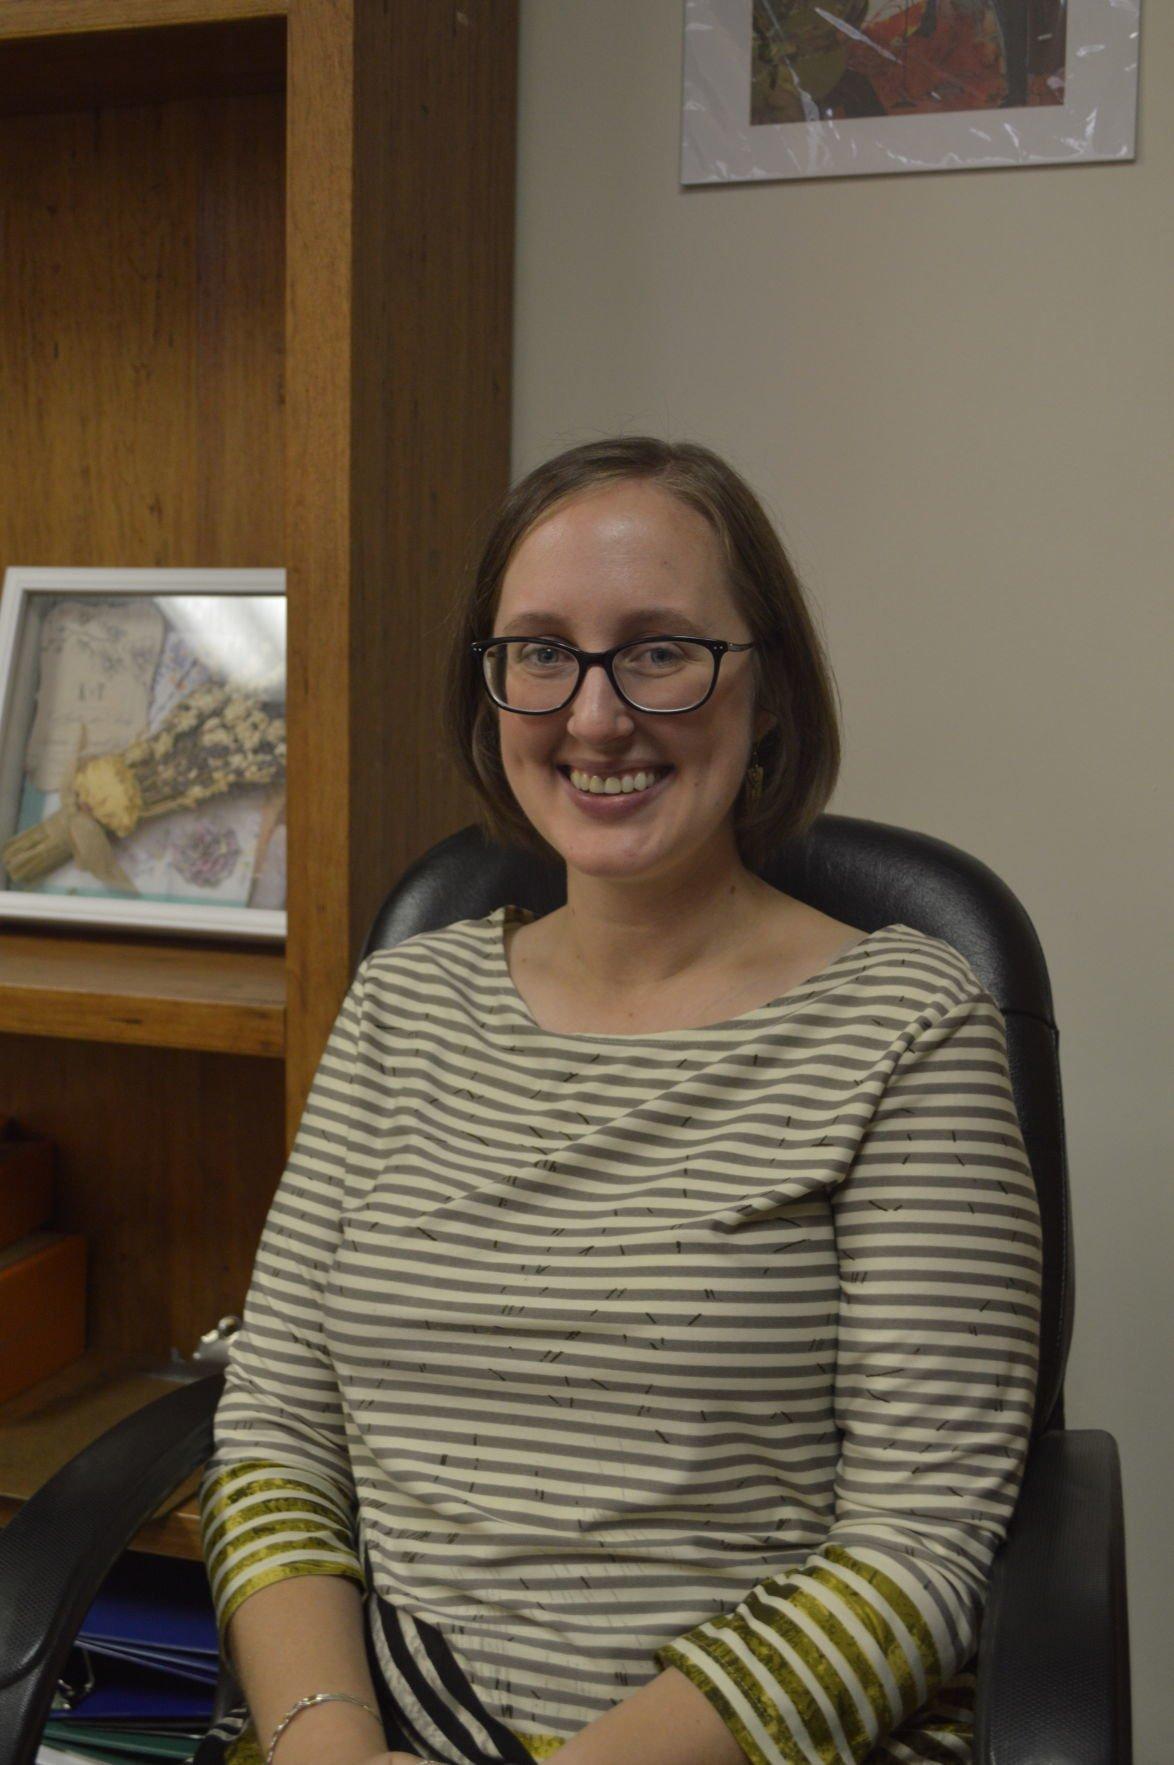 Anna Chlumsky | NewDVDReleaseDates.com  |Anna Revs